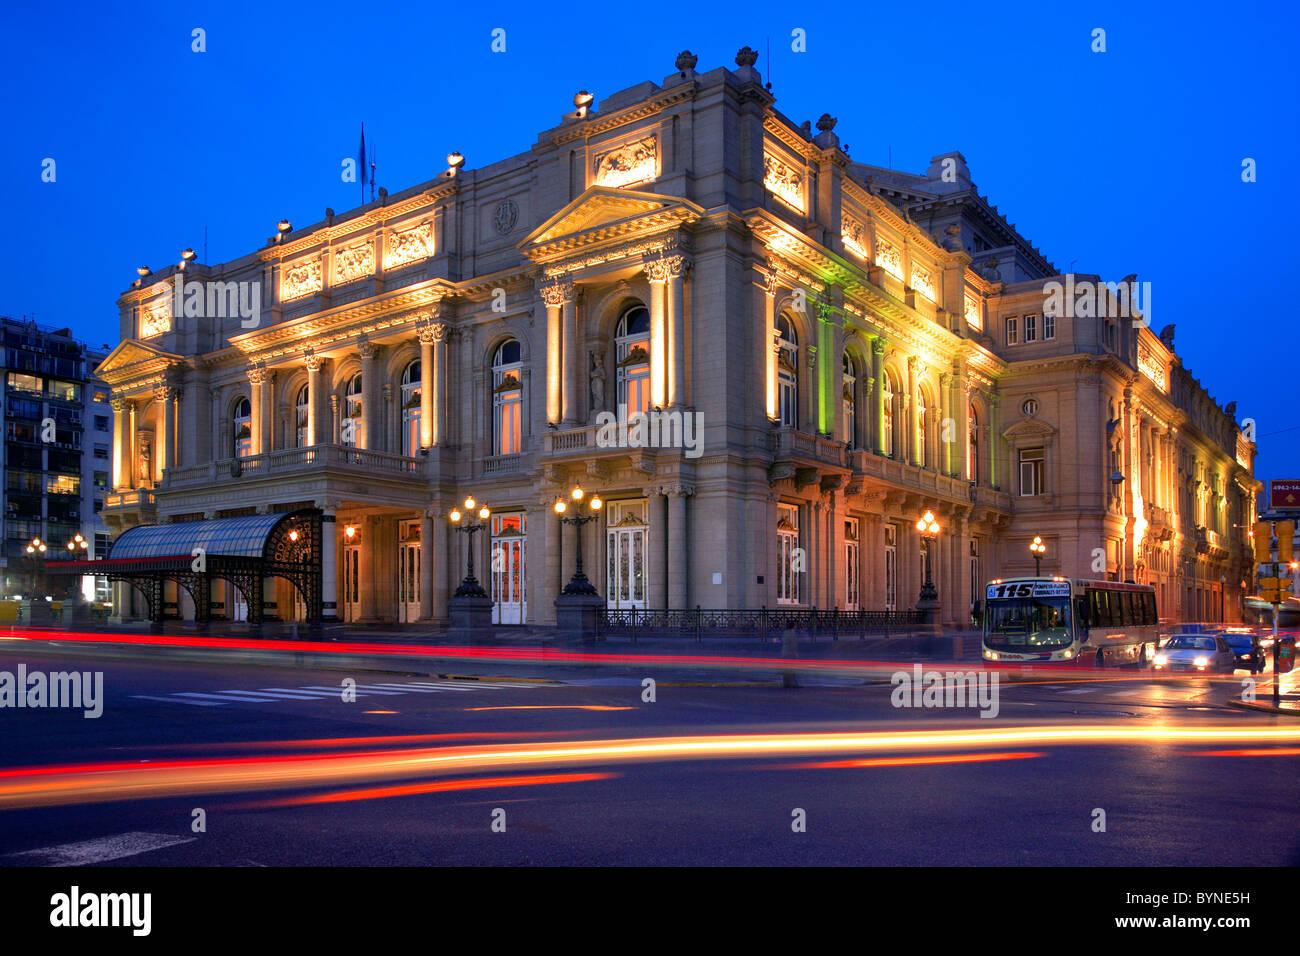 Théâtre Colon, après le bicentenarian la célébration et sa restauration, en 2010. Photo Stock